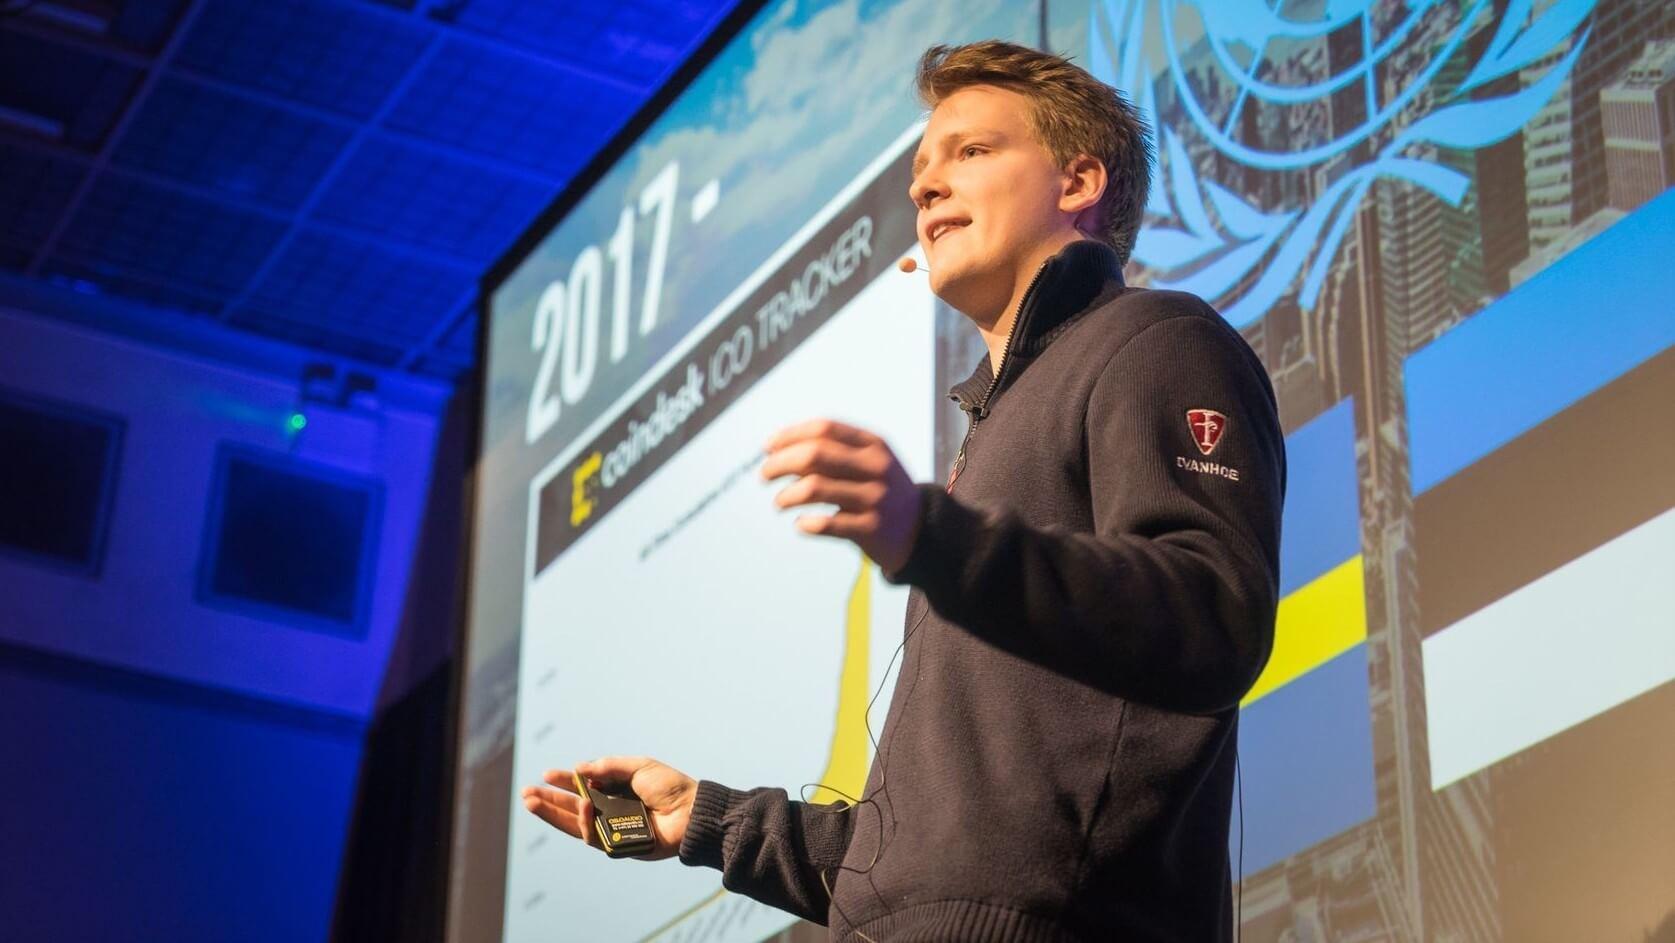 ivan on tech криптовалюты youtube конференция выступление